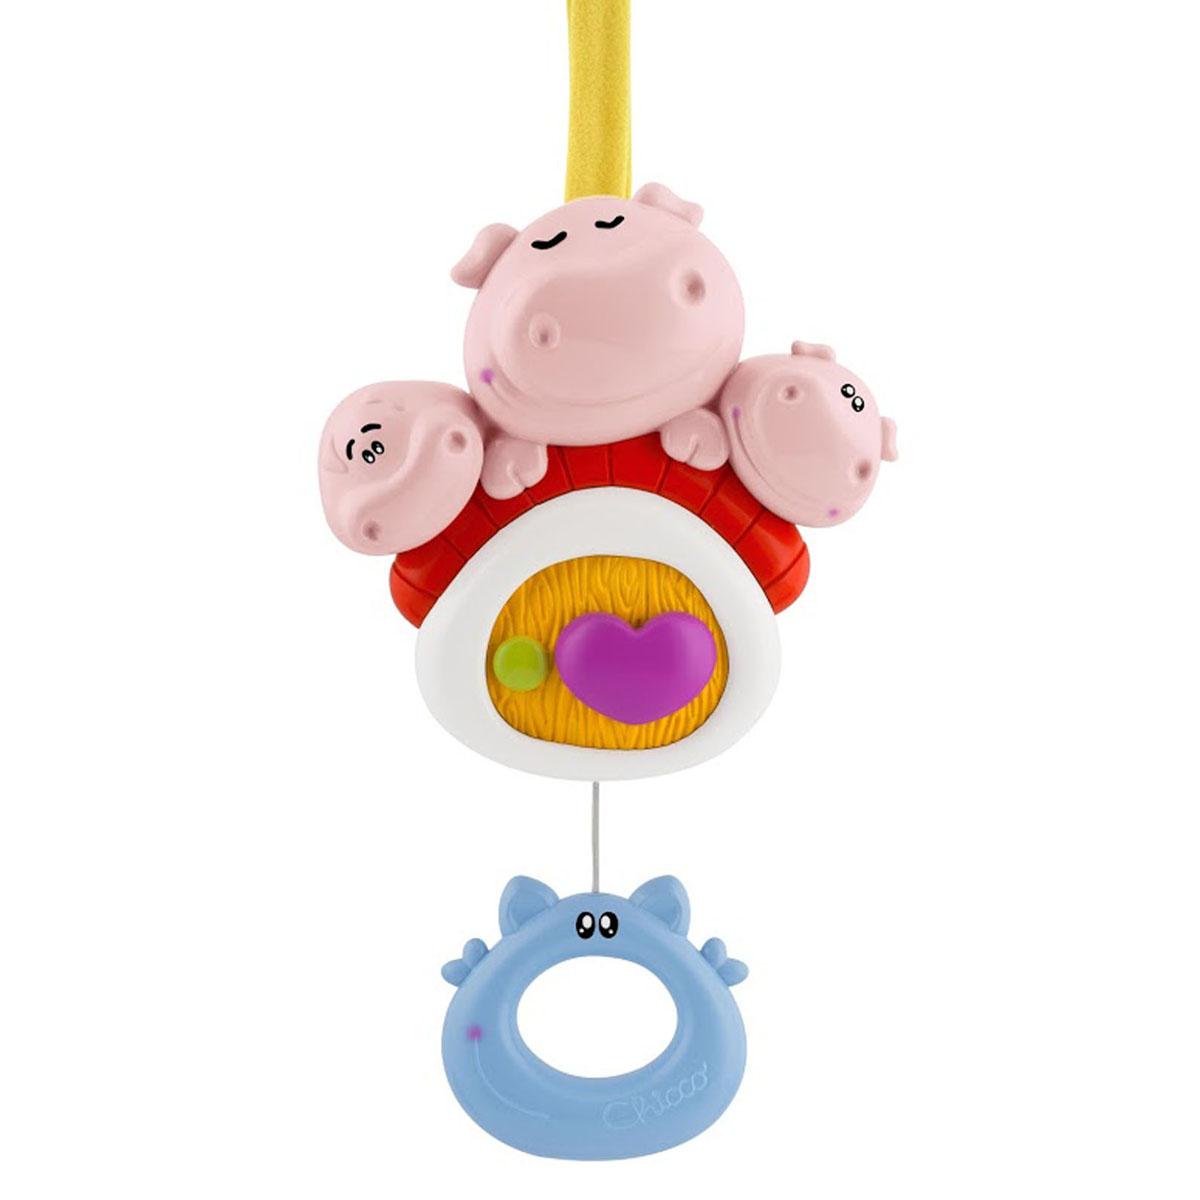 Музыкальная игрушка-подвеска Chicco Три поросенка00060134000000Музыкальная игрушка-подвеска Chicco Три поросенка поможет создать атмосферу уюта и спокойствия в детской комнате. Она выполнена из безопасного пластика ярких цветов в виде трех забавных поросят на крыше домика. Снизу к игрушке с помощью шнурочка крепится пластиковое кольцо в виде забавной мордашки. Потяните кольцо вниз, и оно будет медленно подниматься вверх под звучание негромкой успокаивающей мелодии. Эта спокойная музыка поможет малышу заснуть. Во время звучания мелодии сердечко в центре игрушки будет плавно поворачиваться по часовой стрелке. Игрушка крепится к кроватке при помощи текстильных завязочек. Игрушка-подвеска Три поросенка поможет ребенку успокоиться, а также развить концентрацию внимания, цветовое и звуковое восприятие. Рекомендуемый возраст: от 0 месяцев.